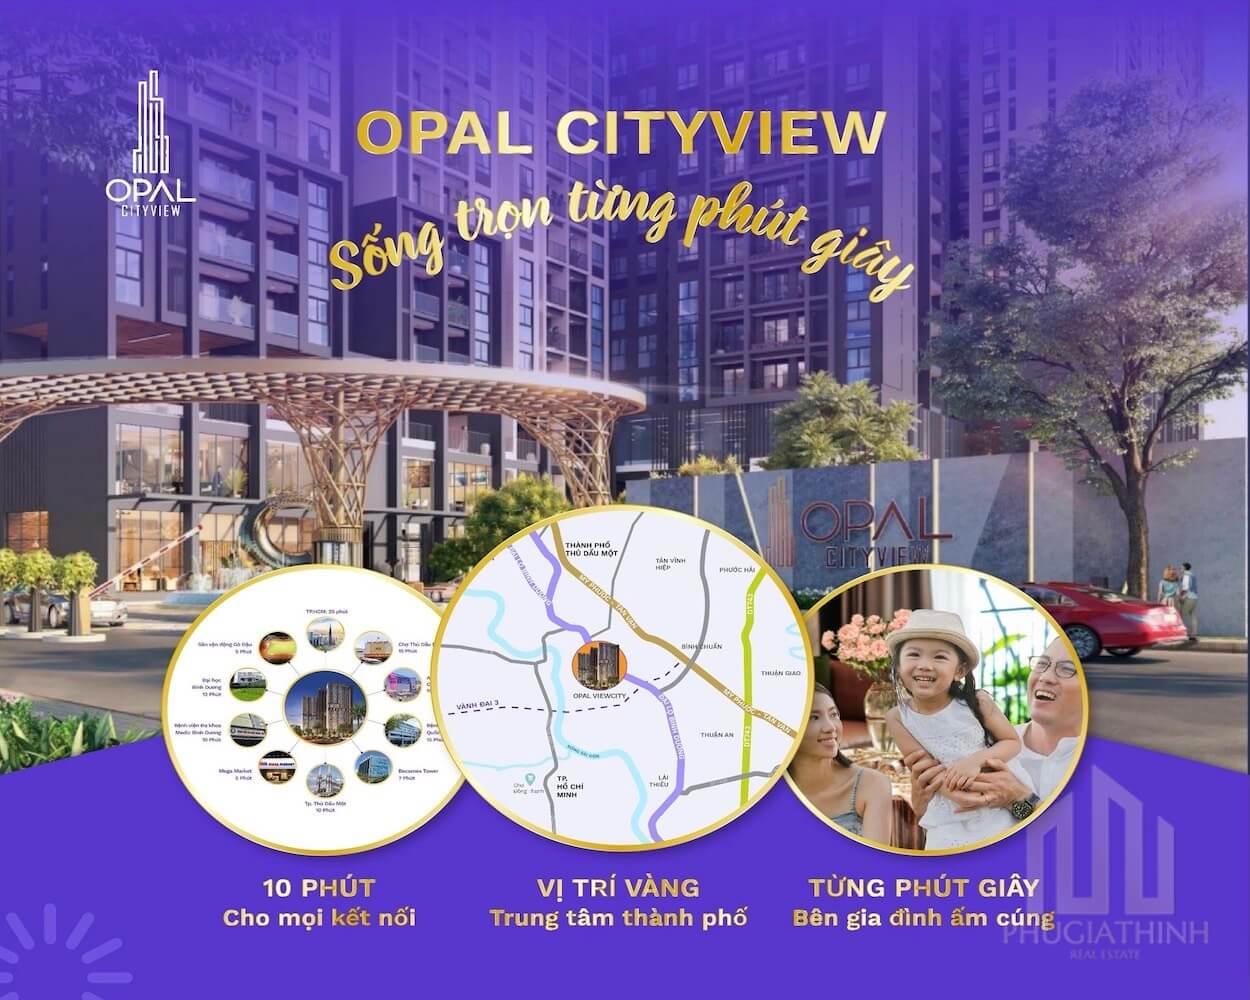 Vị trí kết nối dự án căn hộ Opal CityView Bình Dương